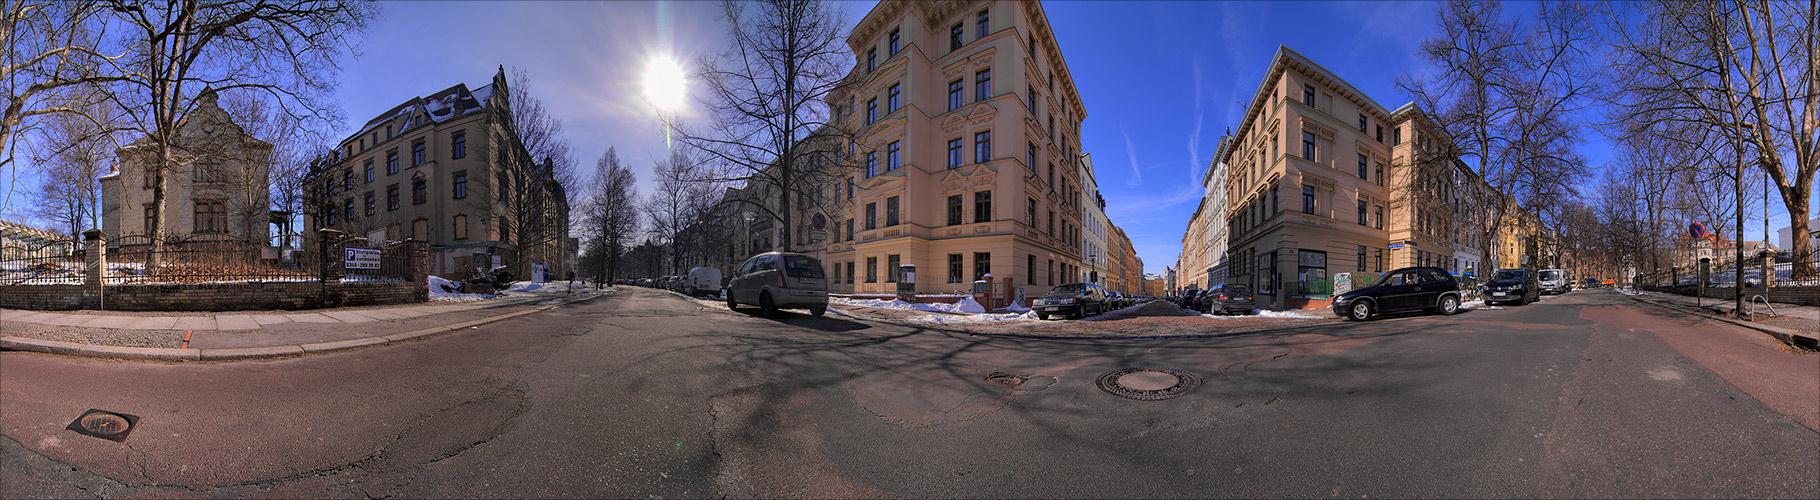 meine Straße, mein Block